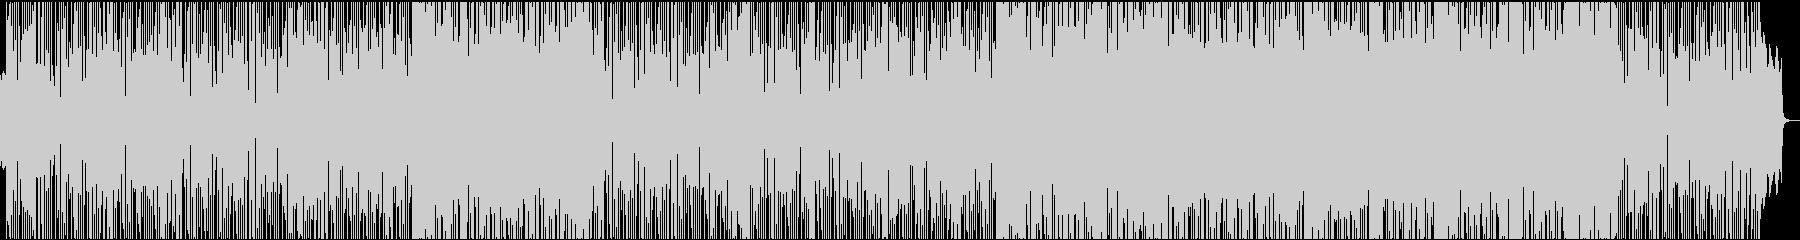 楽しい雰囲気のファンキーポップの未再生の波形